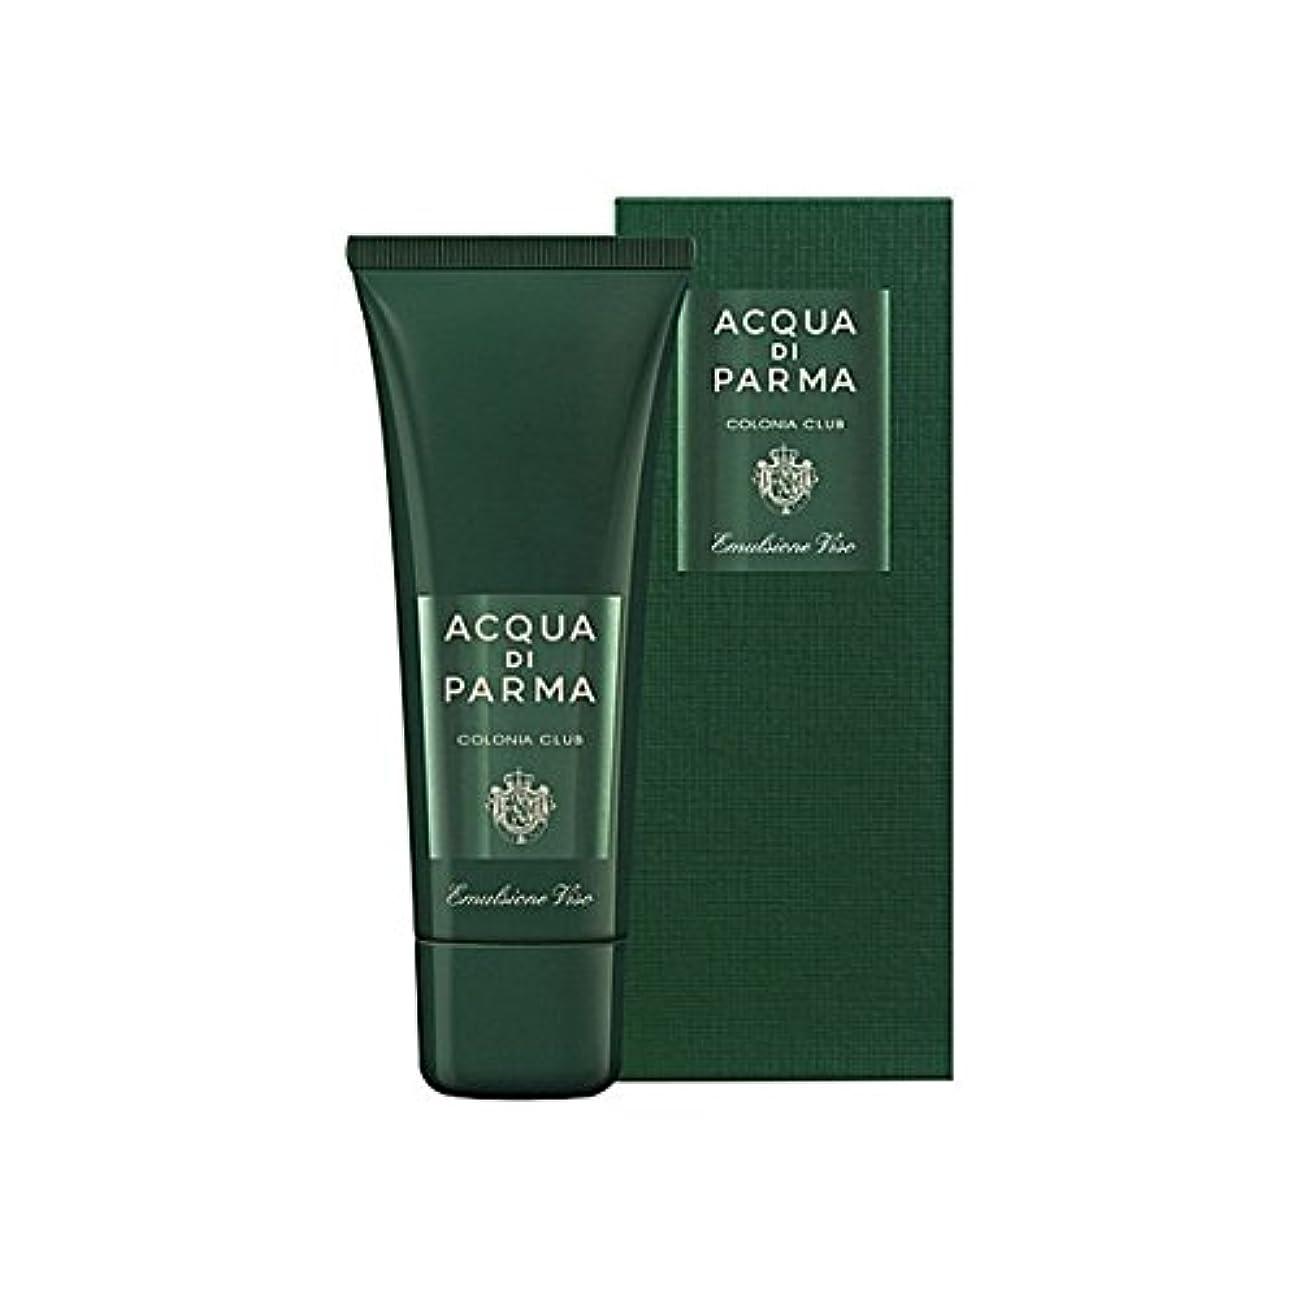 が欲しいしないでくださいフリルアクアディパルマコロニアクラブフェースエマルジョン75ミリリットル x2 - Acqua Di Parma Colonia Club Face Emulsion 75ml (Pack of 2) [並行輸入品]